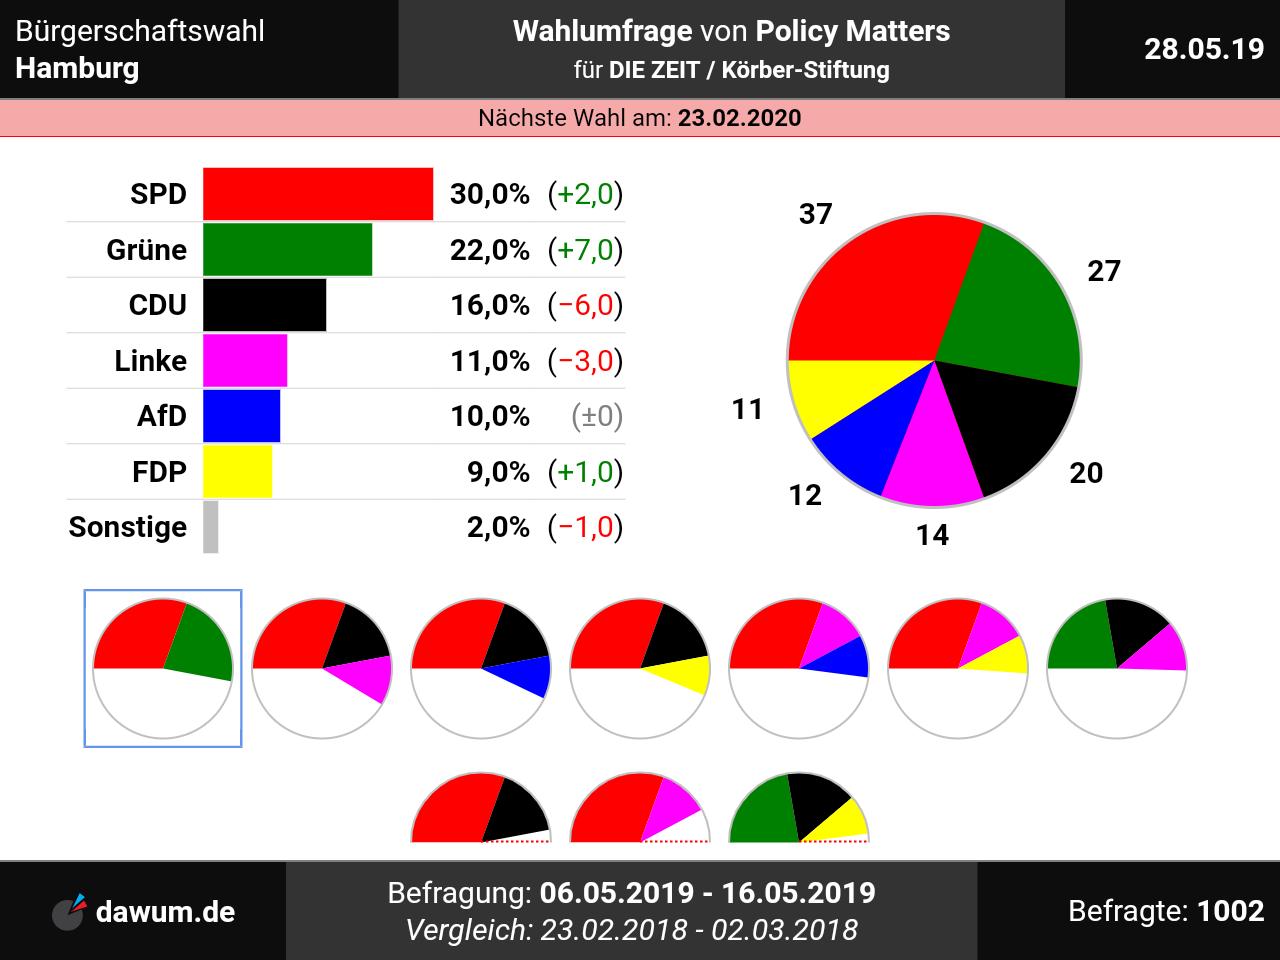 Bürgerschaftswahl Hamburg: Neueste Wahlumfrage Von Policy